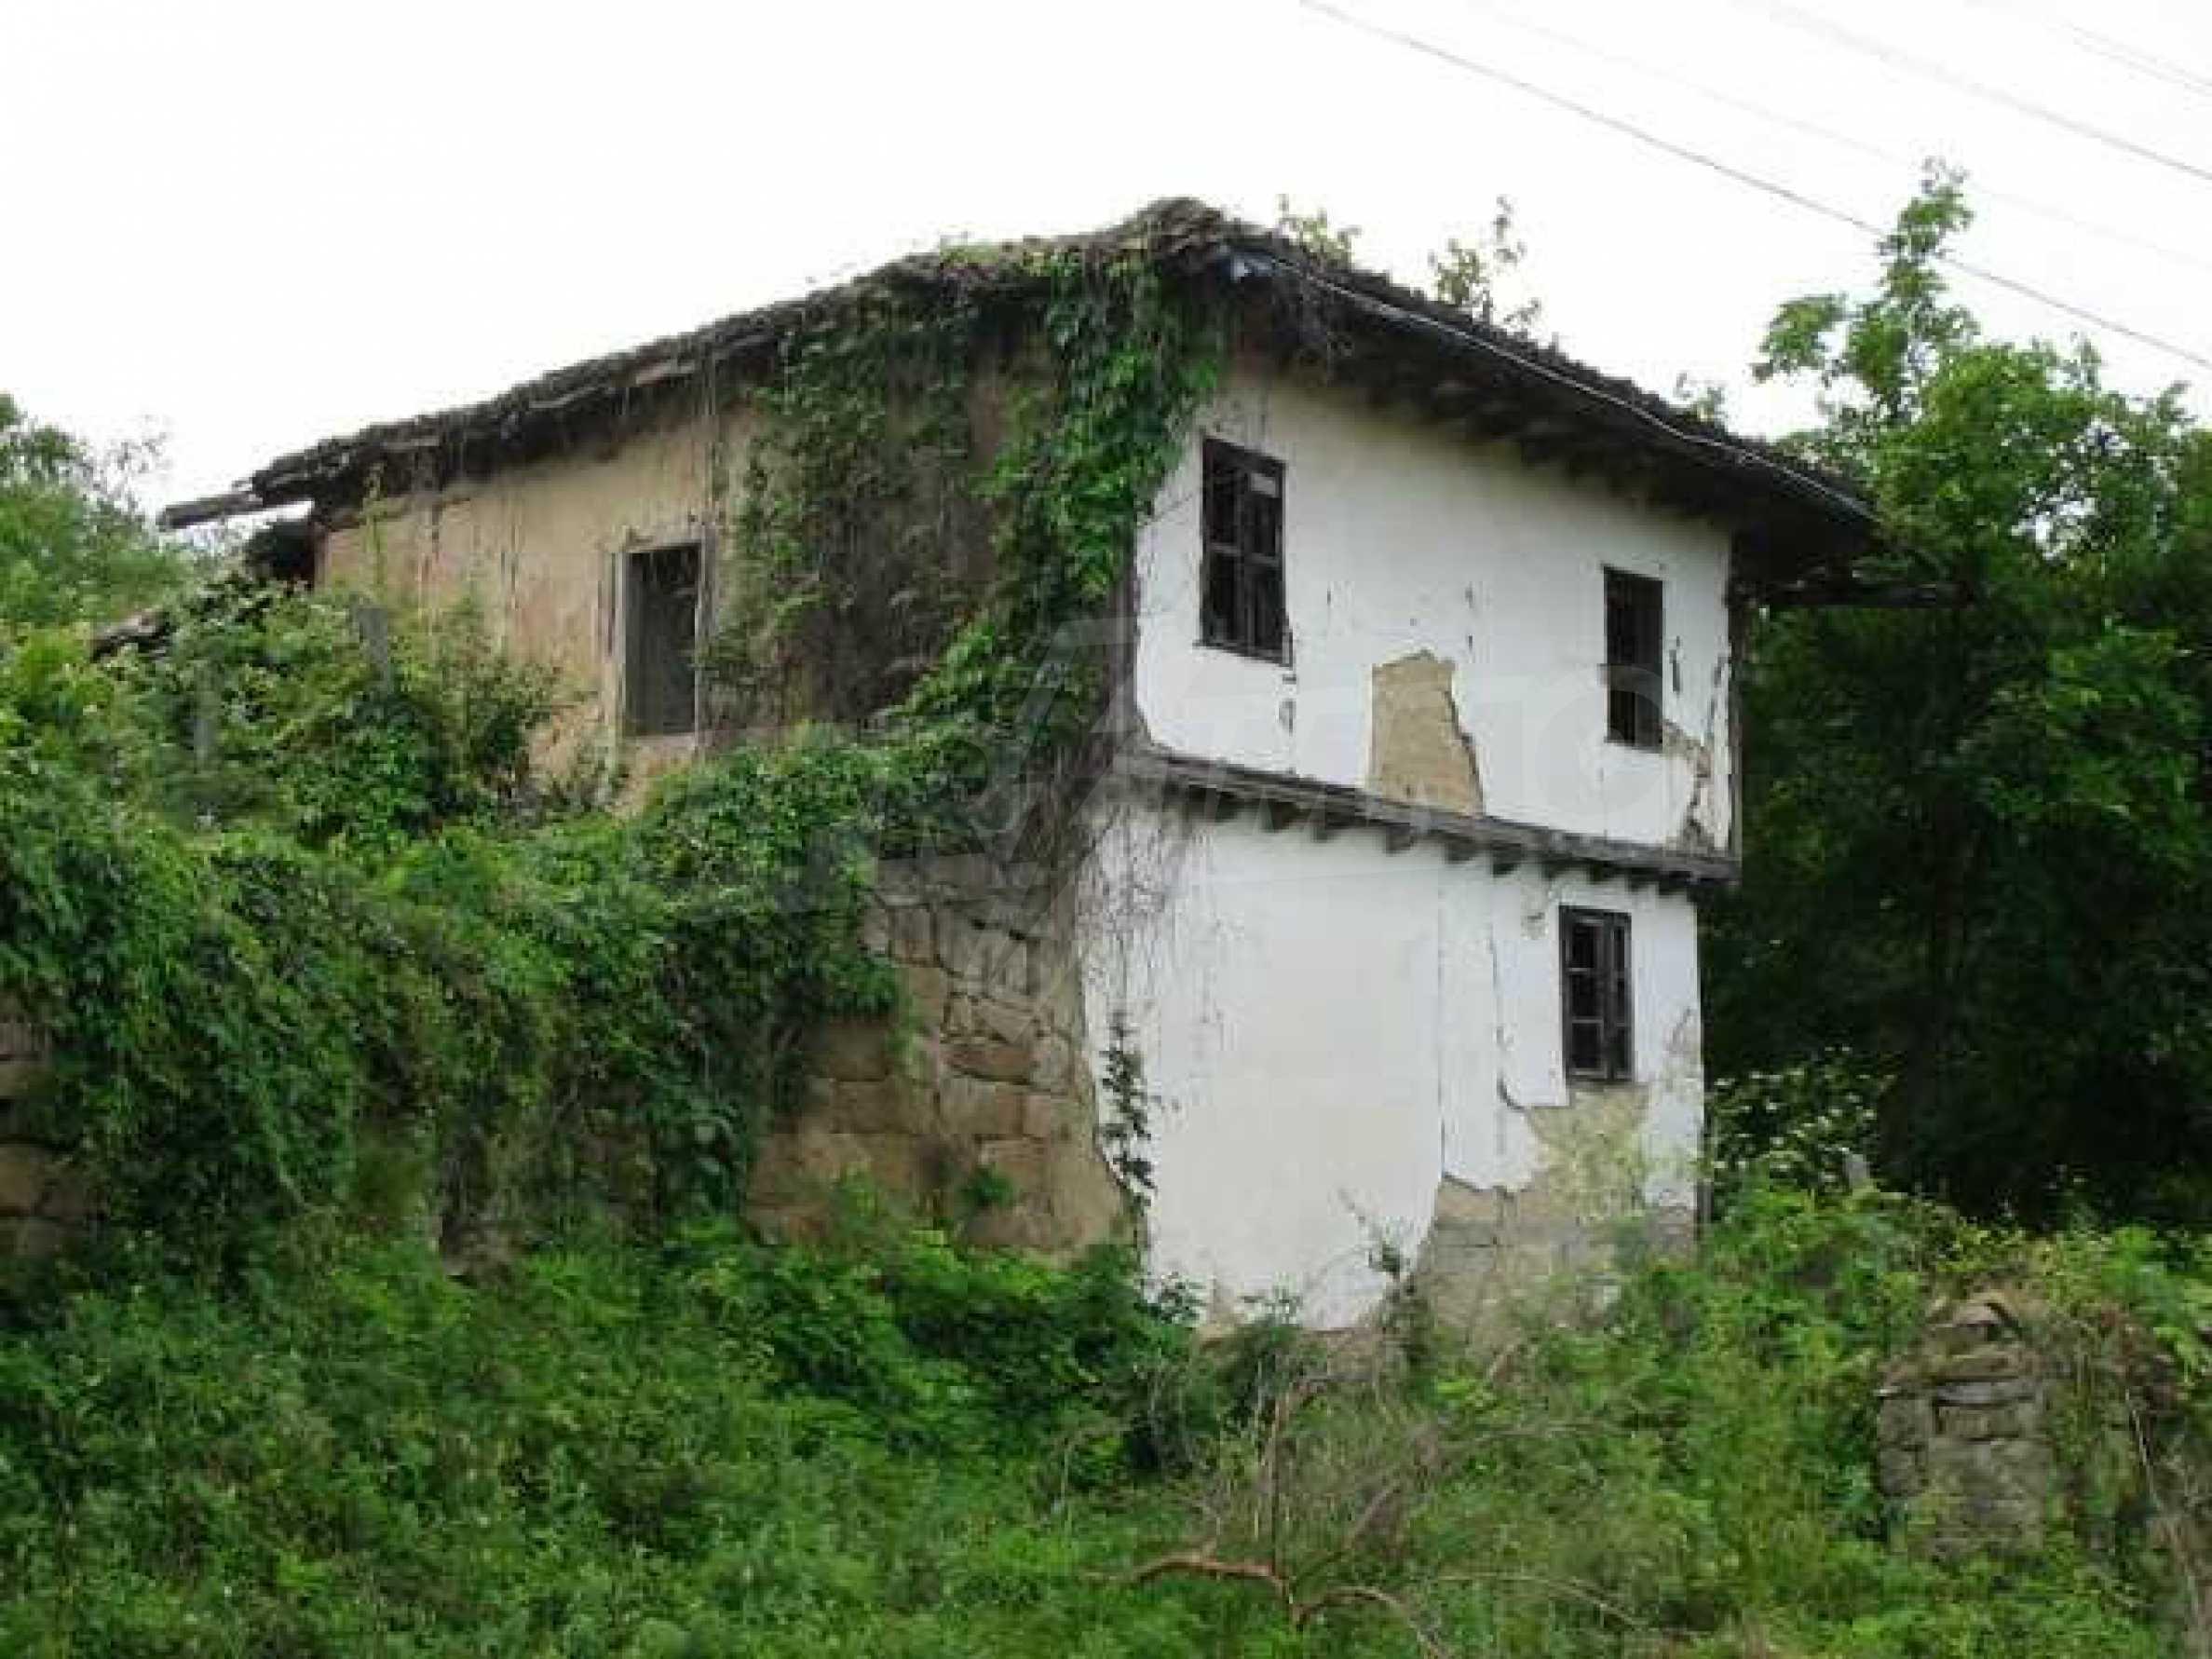 Двухэатжный дом, выстроенный в традиционном болгарском стиле